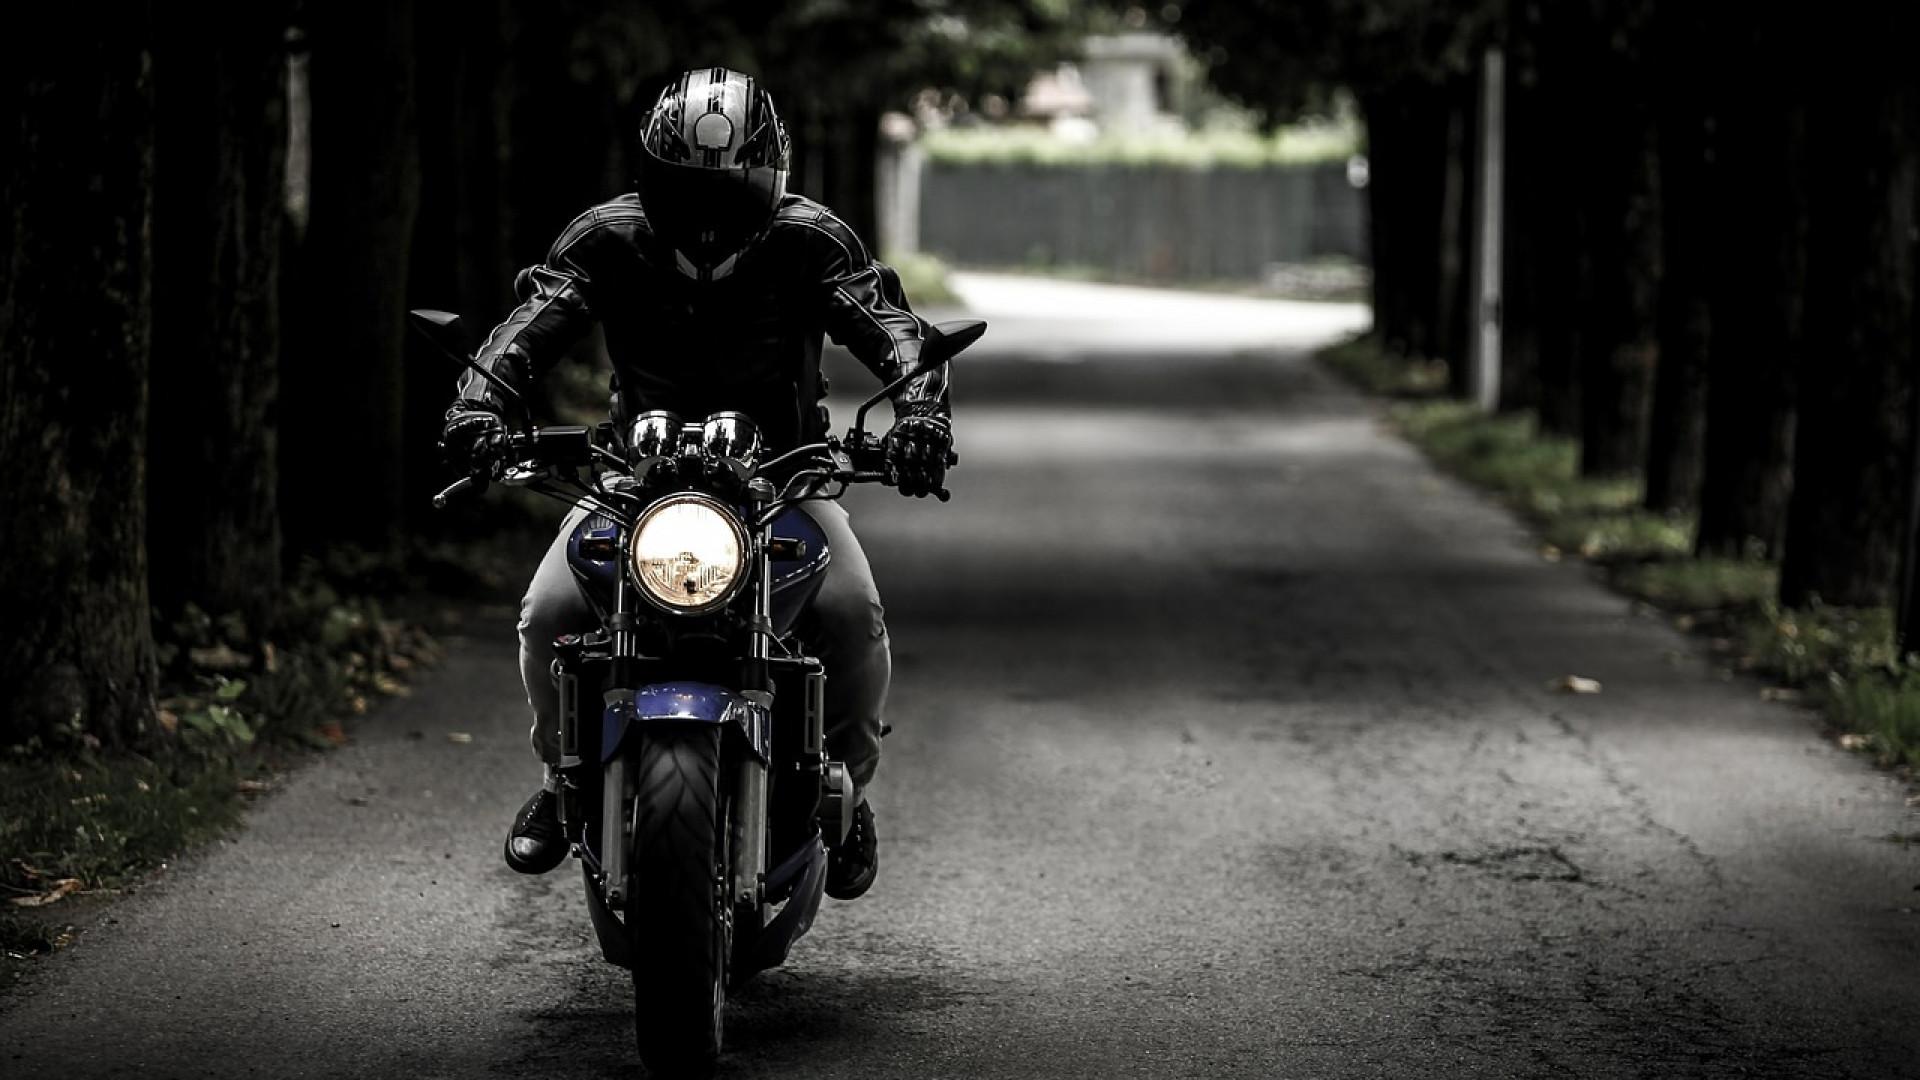 Quels sont les avantages d'un casque moto ?